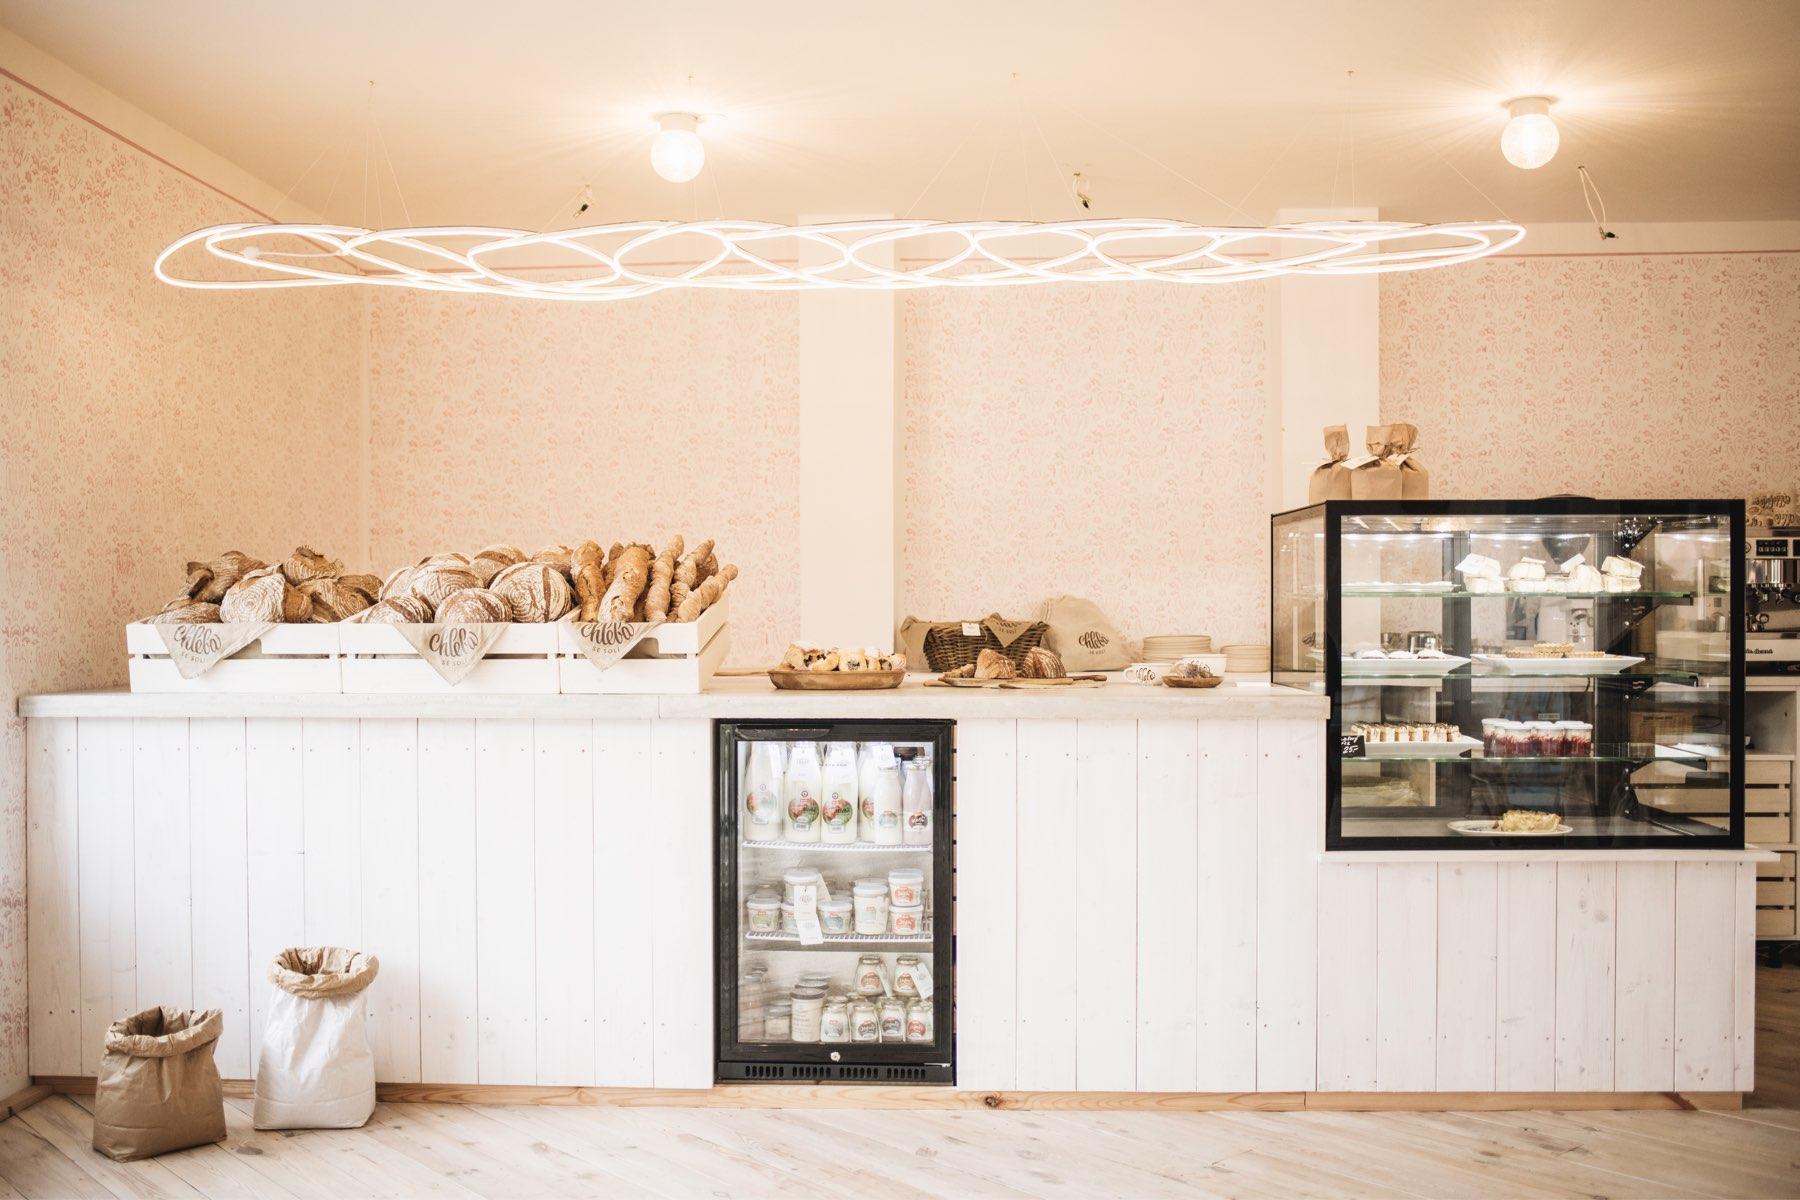 Bakery Chleba se solí